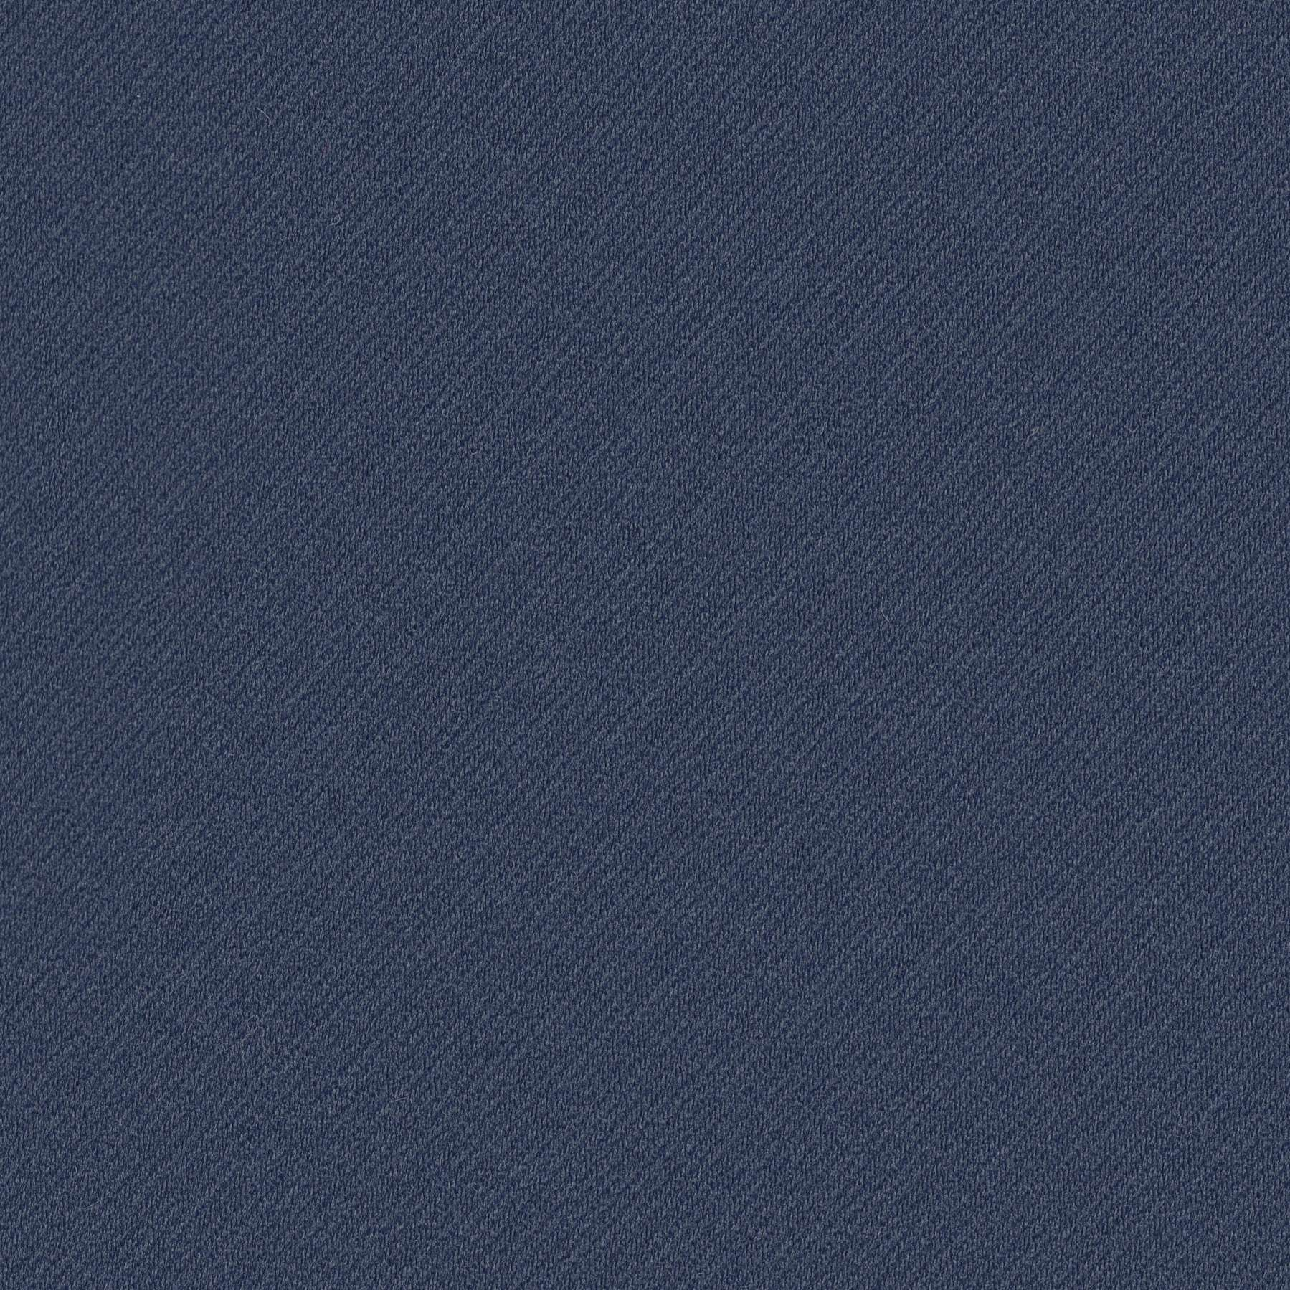 Blackout - zaciemniające 269-16 w kolekcji Blackout - zaciemniające, tkanina: 269-16